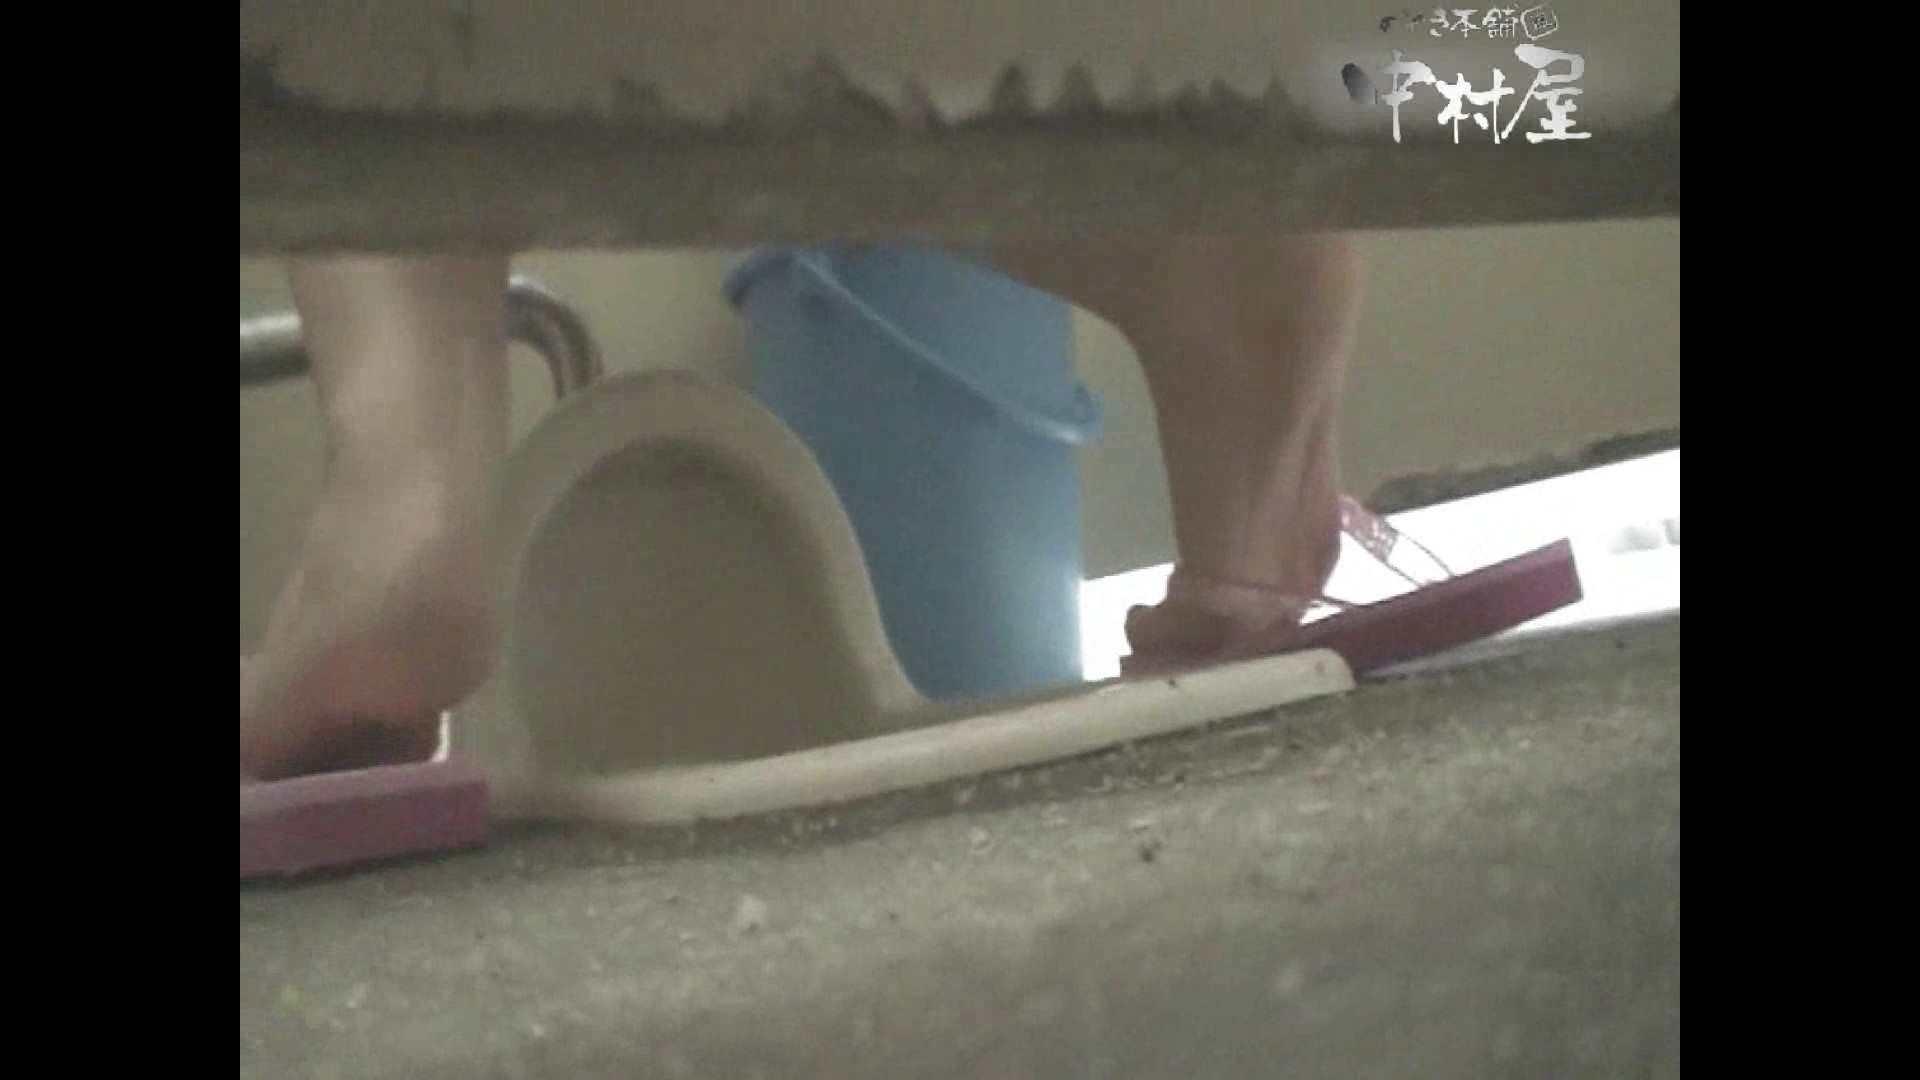 岩手県在住盗撮師盗撮記録vol.15 お姉さんのエロ動画 盗み撮り動画 111PIX 103